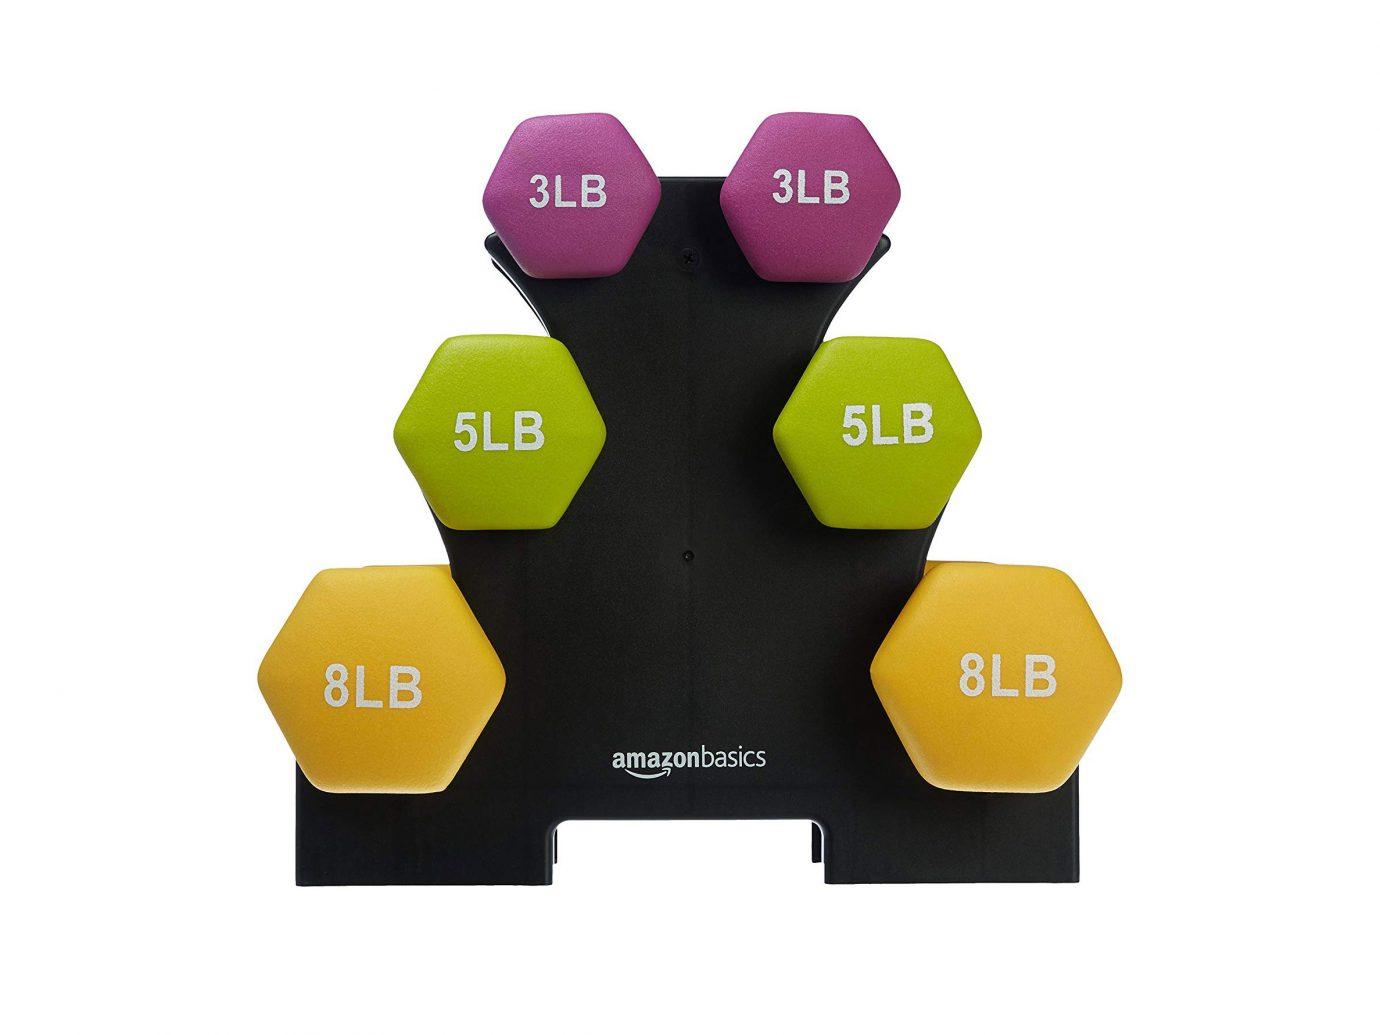 Buy AmazonBasics Neoprene Dumbbells on Amazon